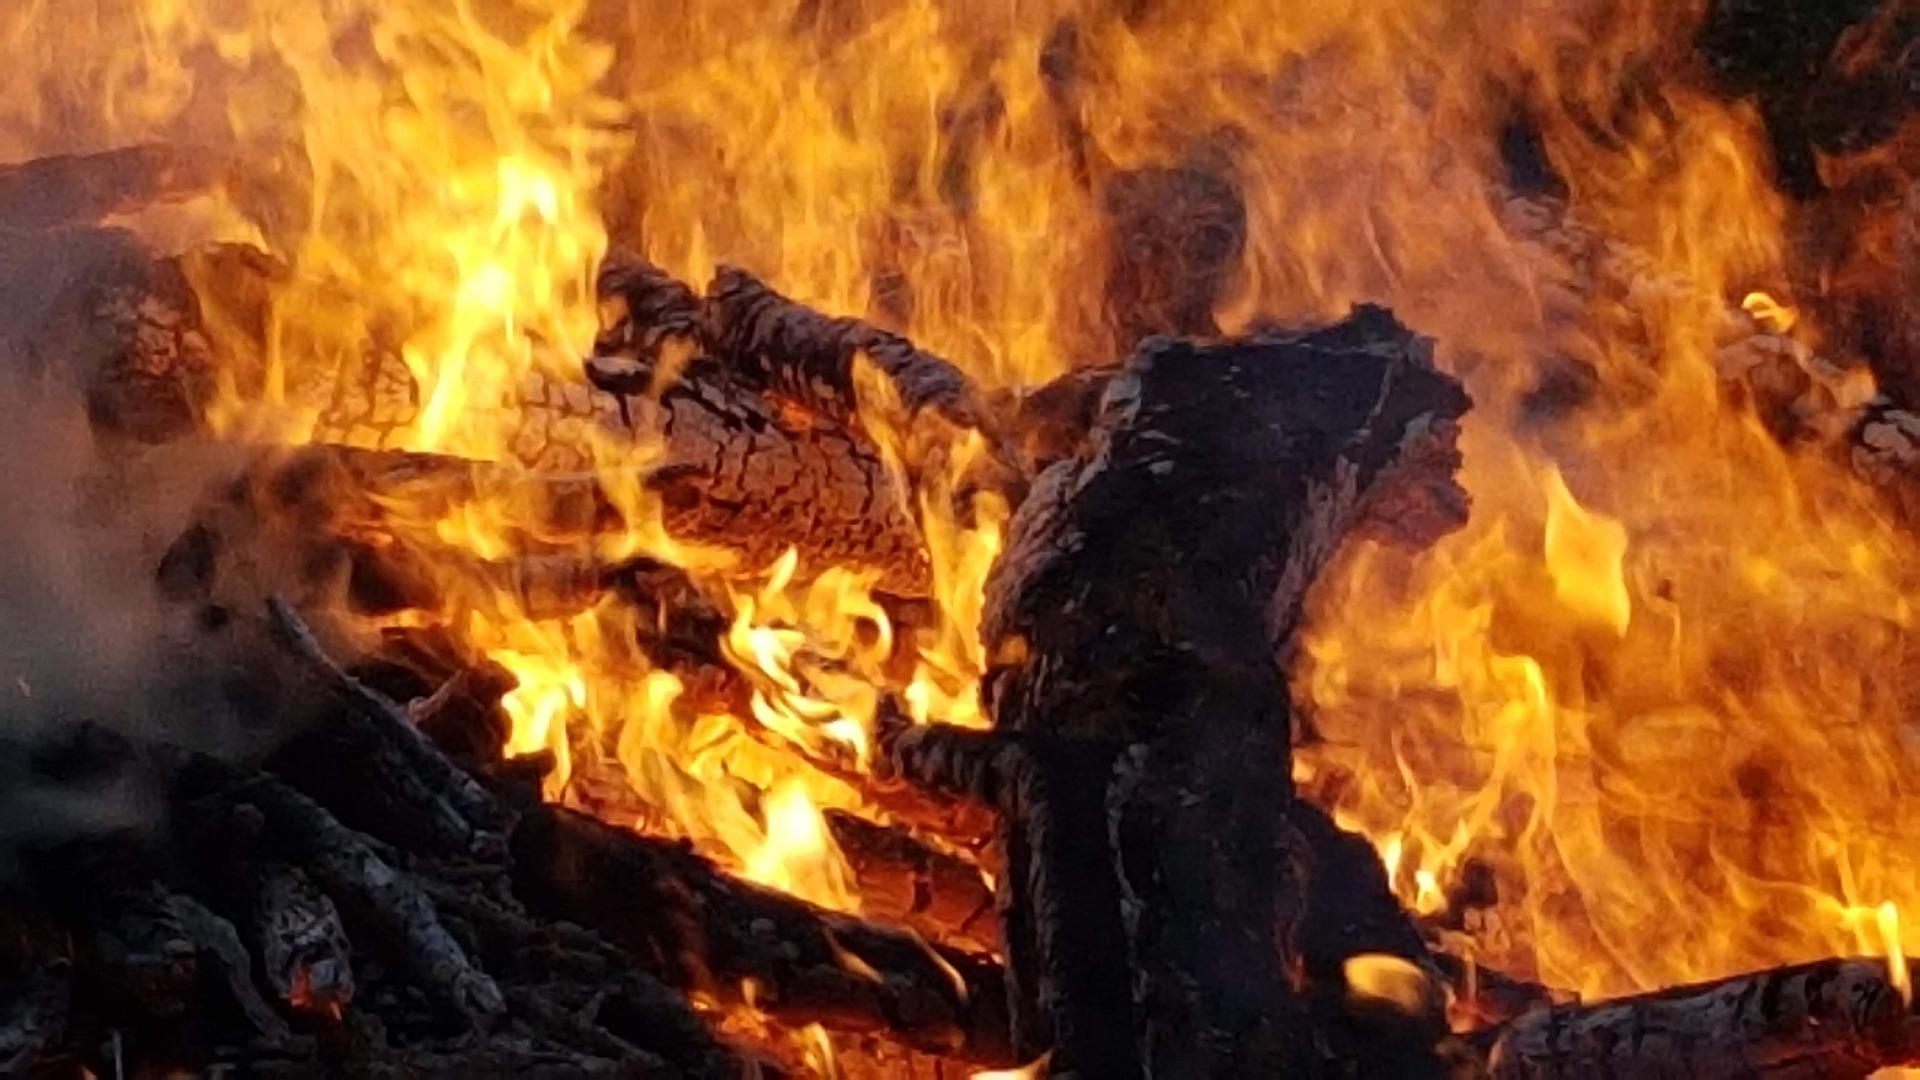 Piromane appicca incendio vicino alla pista ciclabile: guai per un 65enne